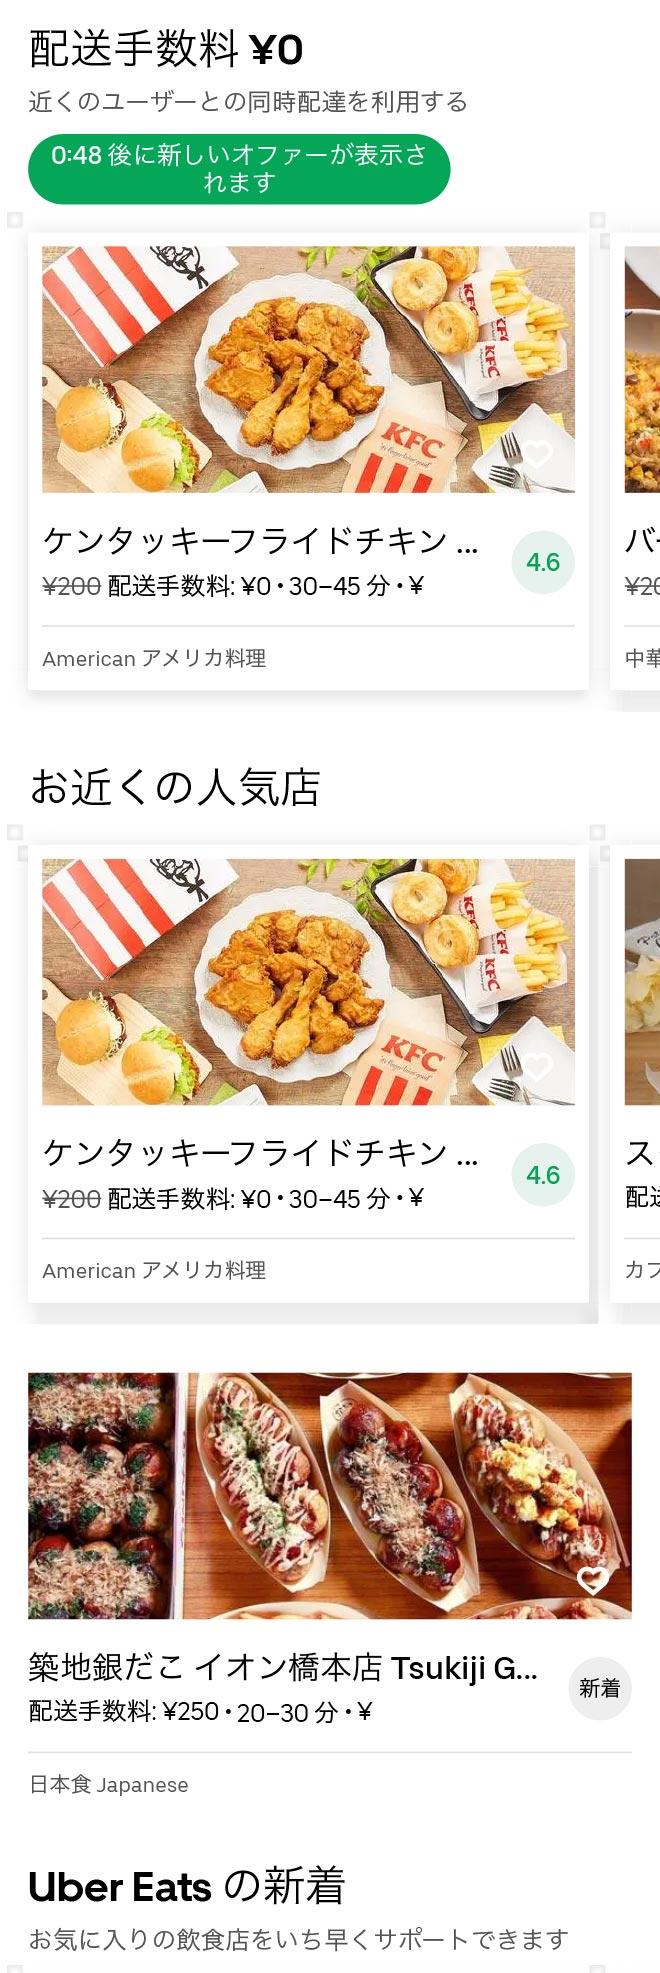 Aihara menu 2010 01